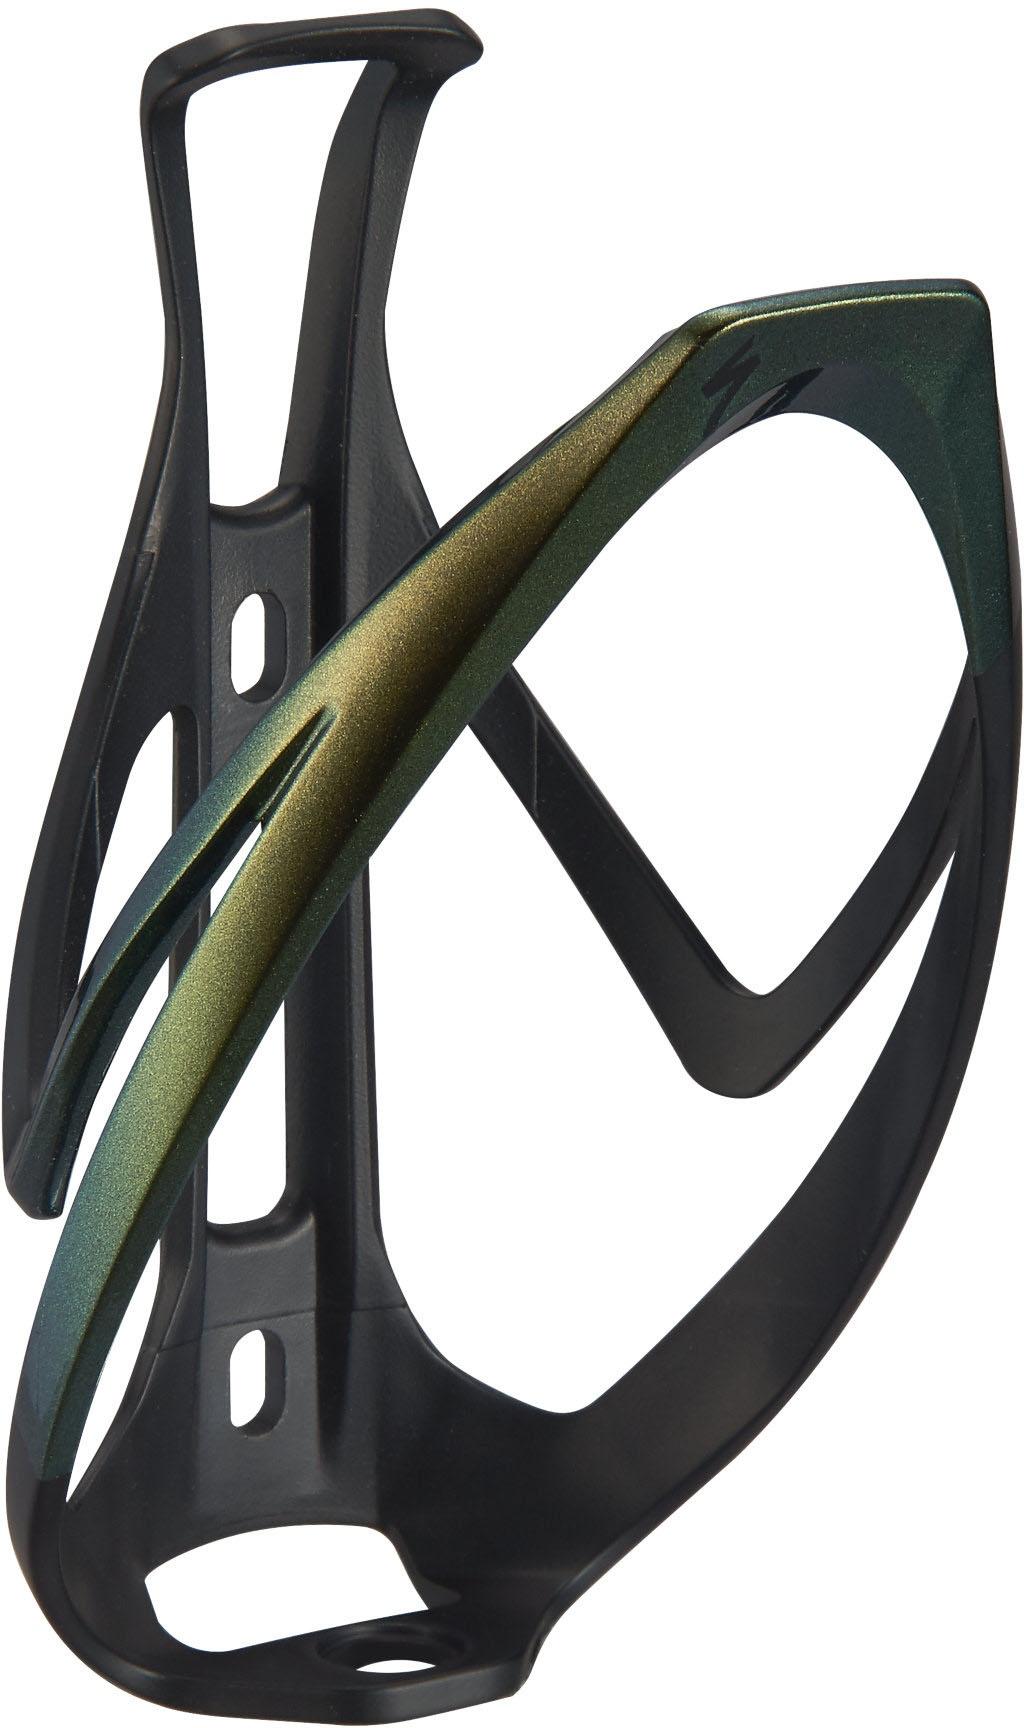 Køb Specialized Rib Cage II LTD – Sagan 4 Decon – Green